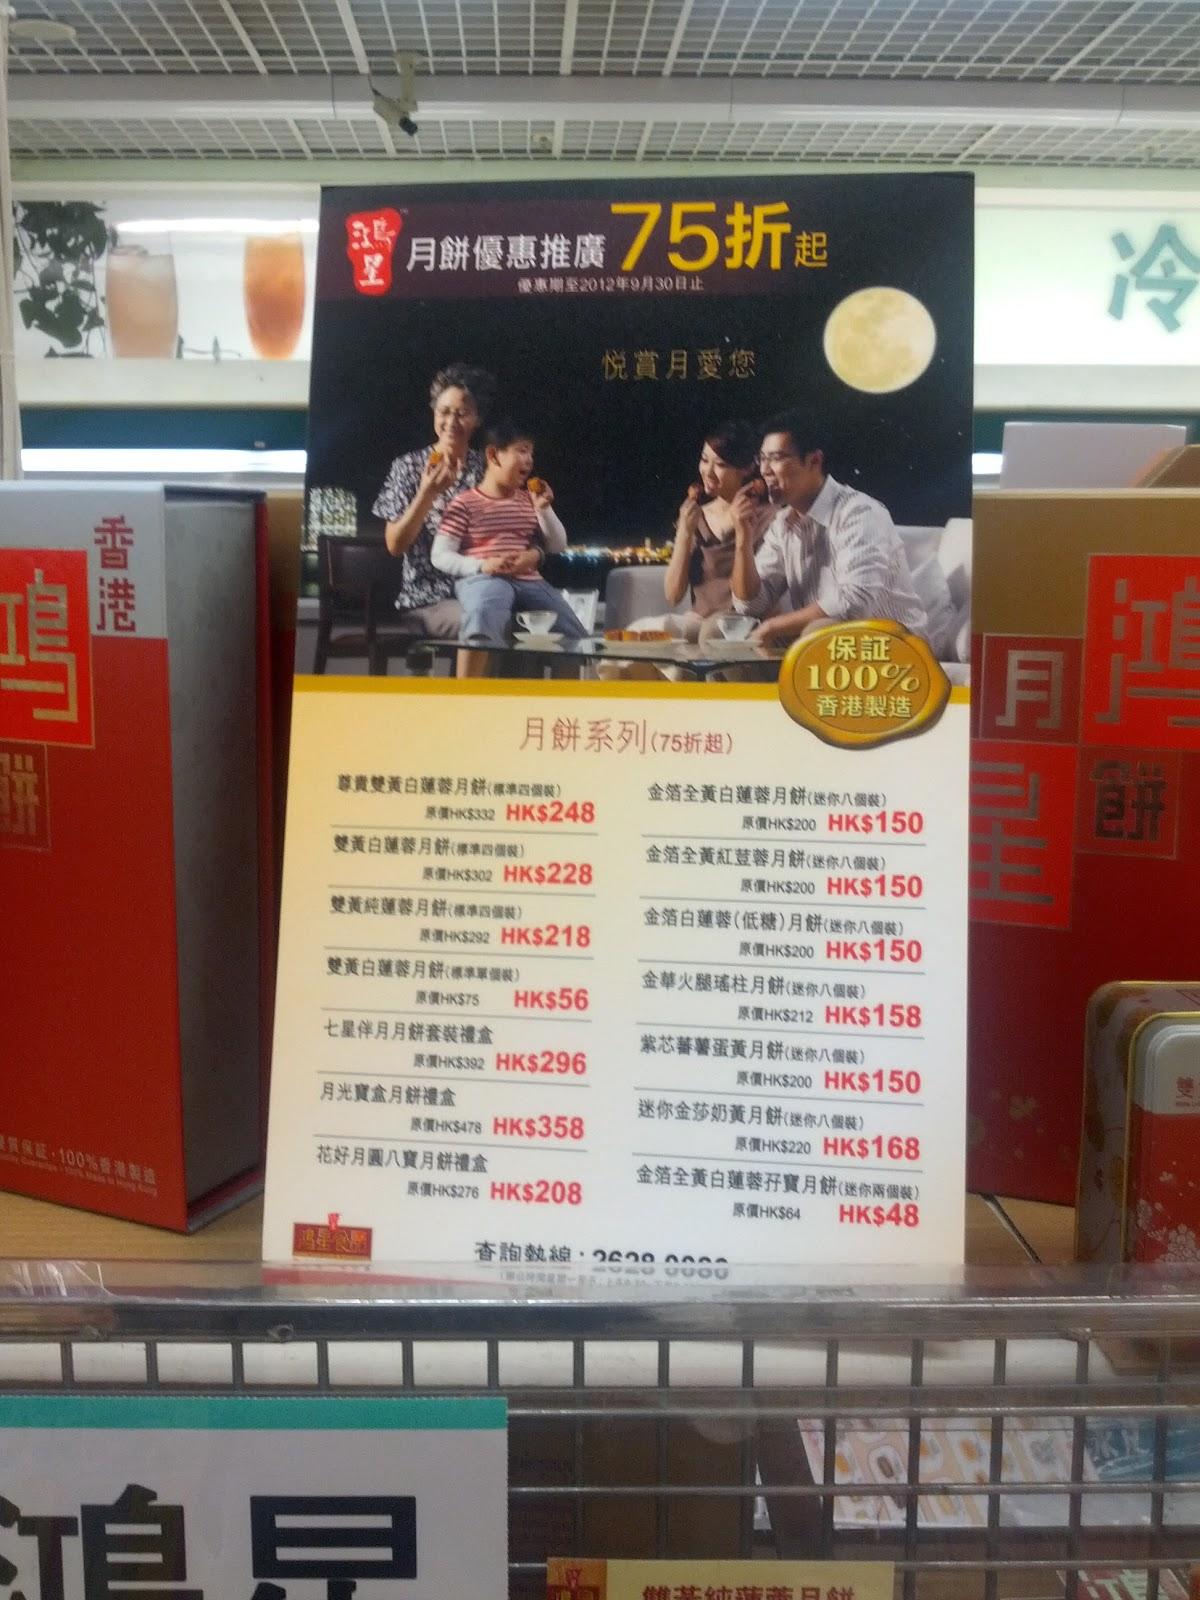 香港中秋月餅 Hong Kong Moon Cake: 2012 鴻星月餅 價錢表 / 優惠